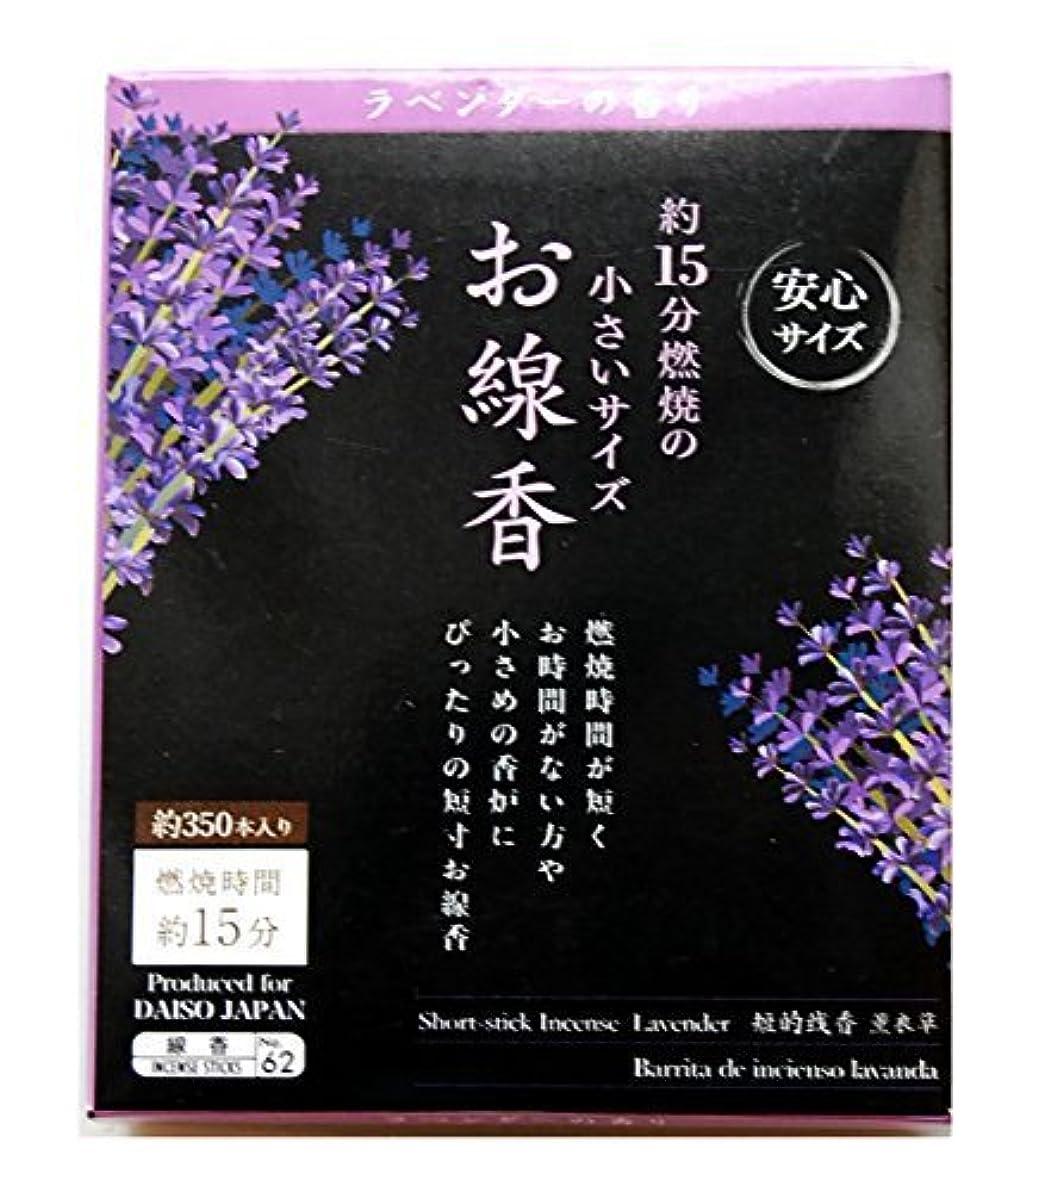 悔い改める土曜日うがい薬Daiso Senko Japaneseお香ラベンダーショートスティック9 cm-15min / 350 sticks